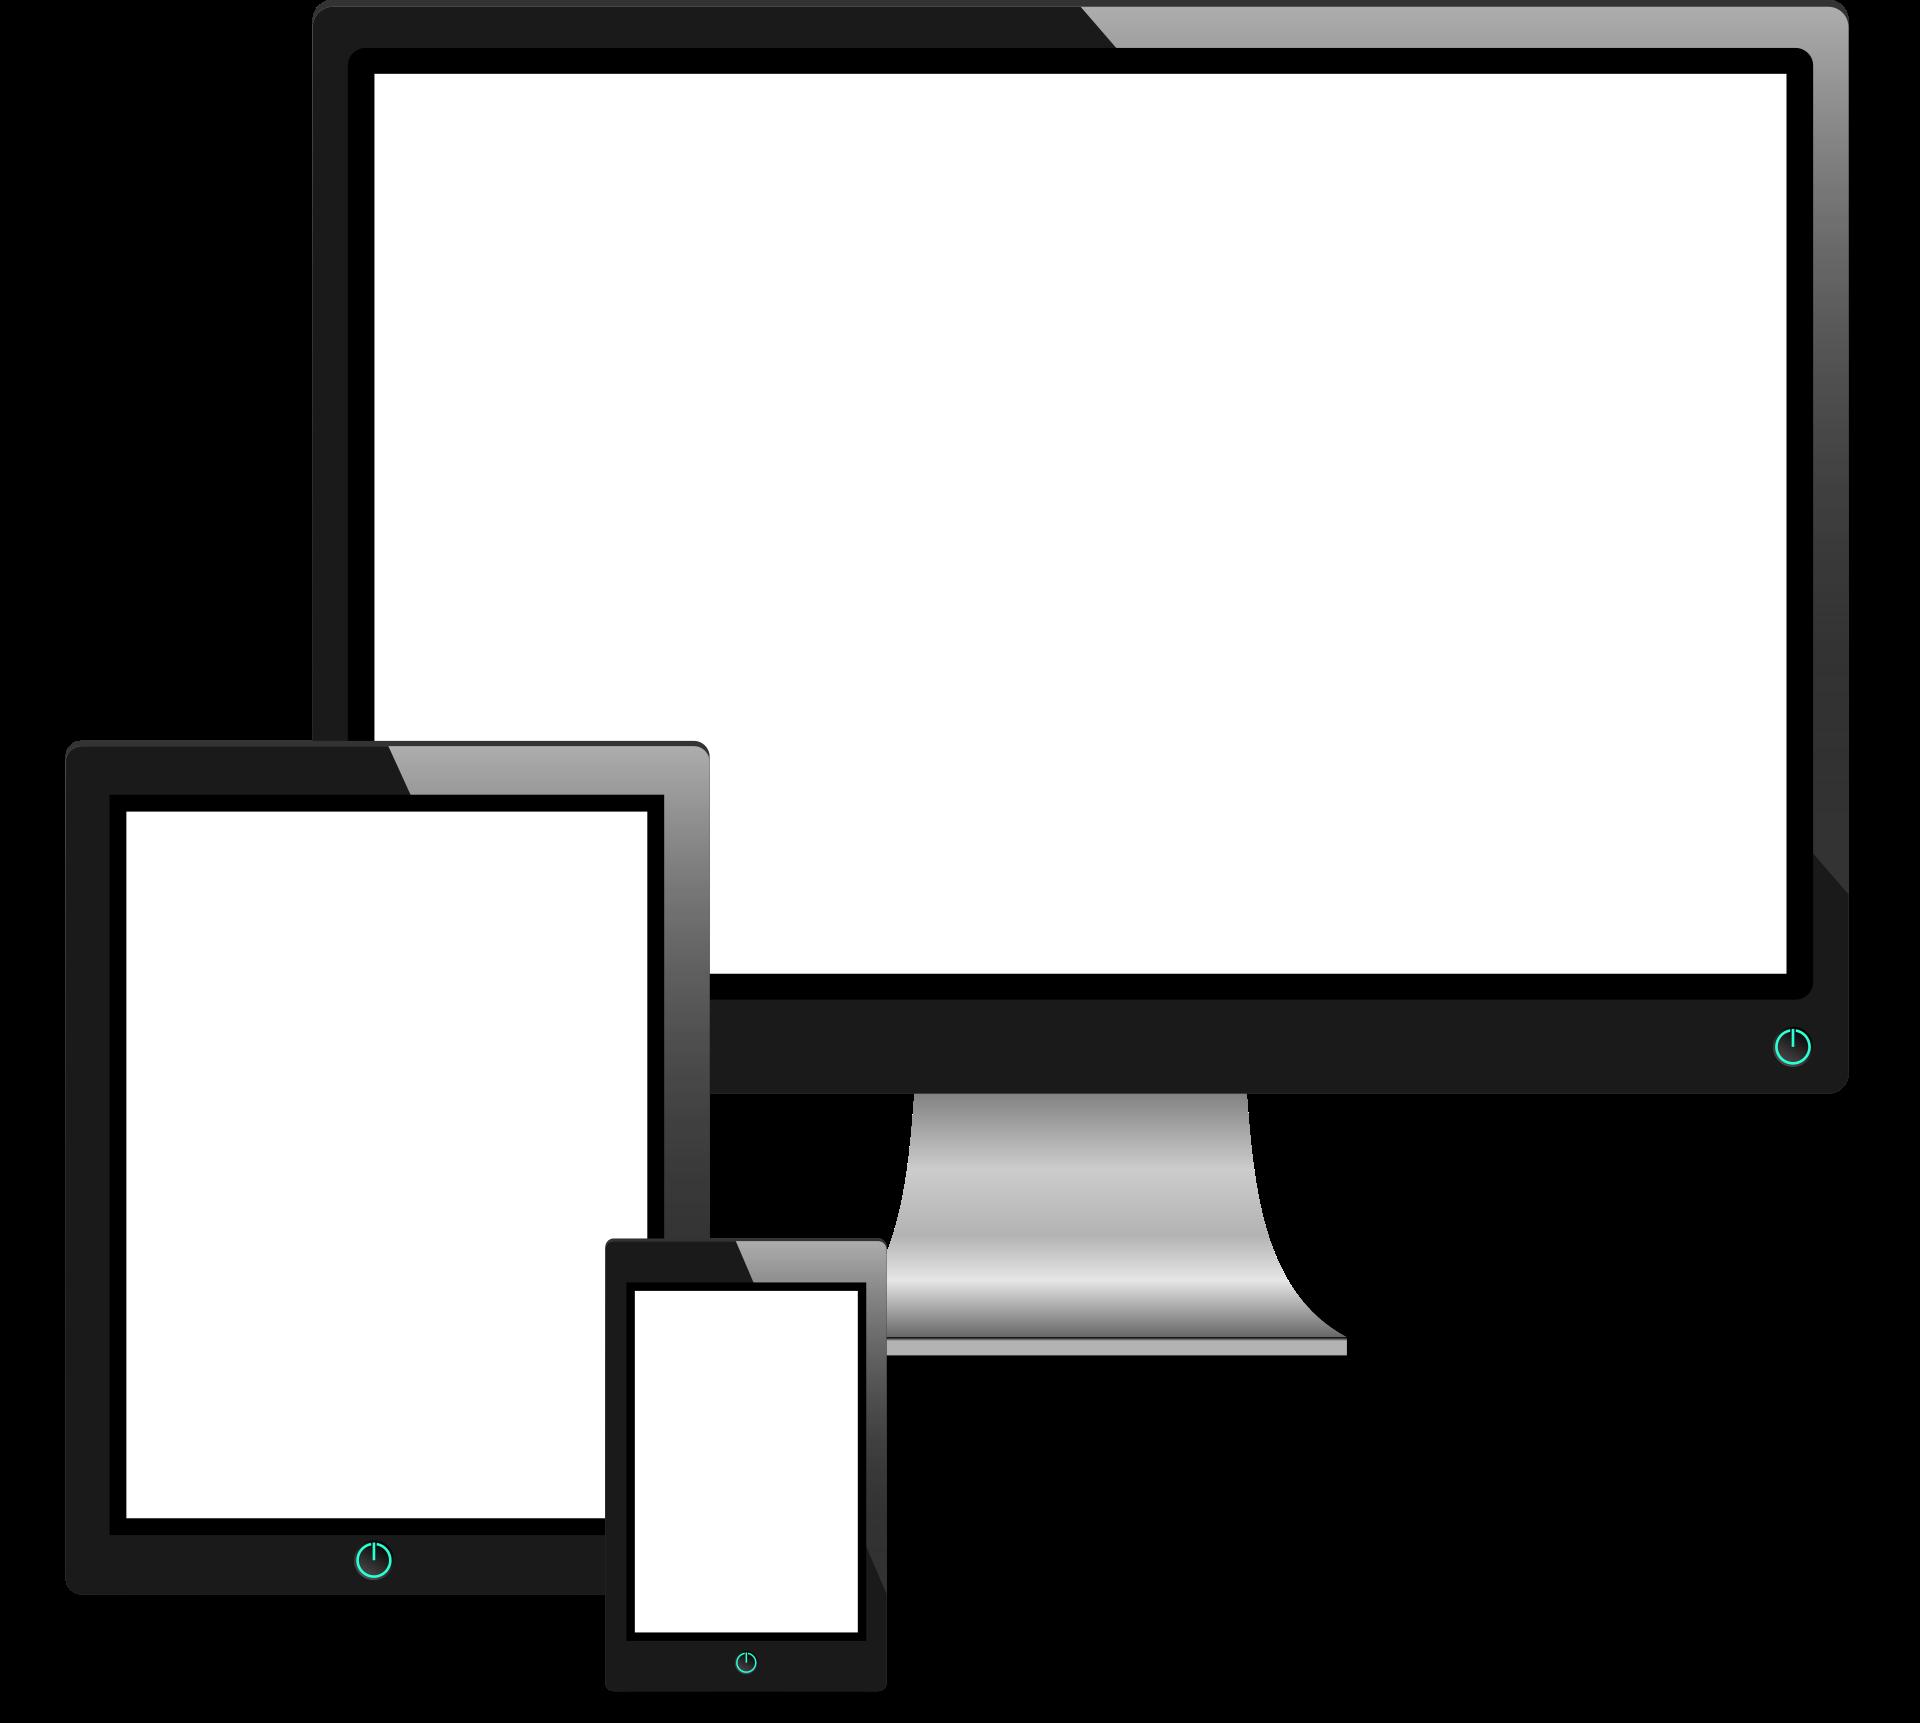 okostelefon, táblagép, számítógép illusztráció